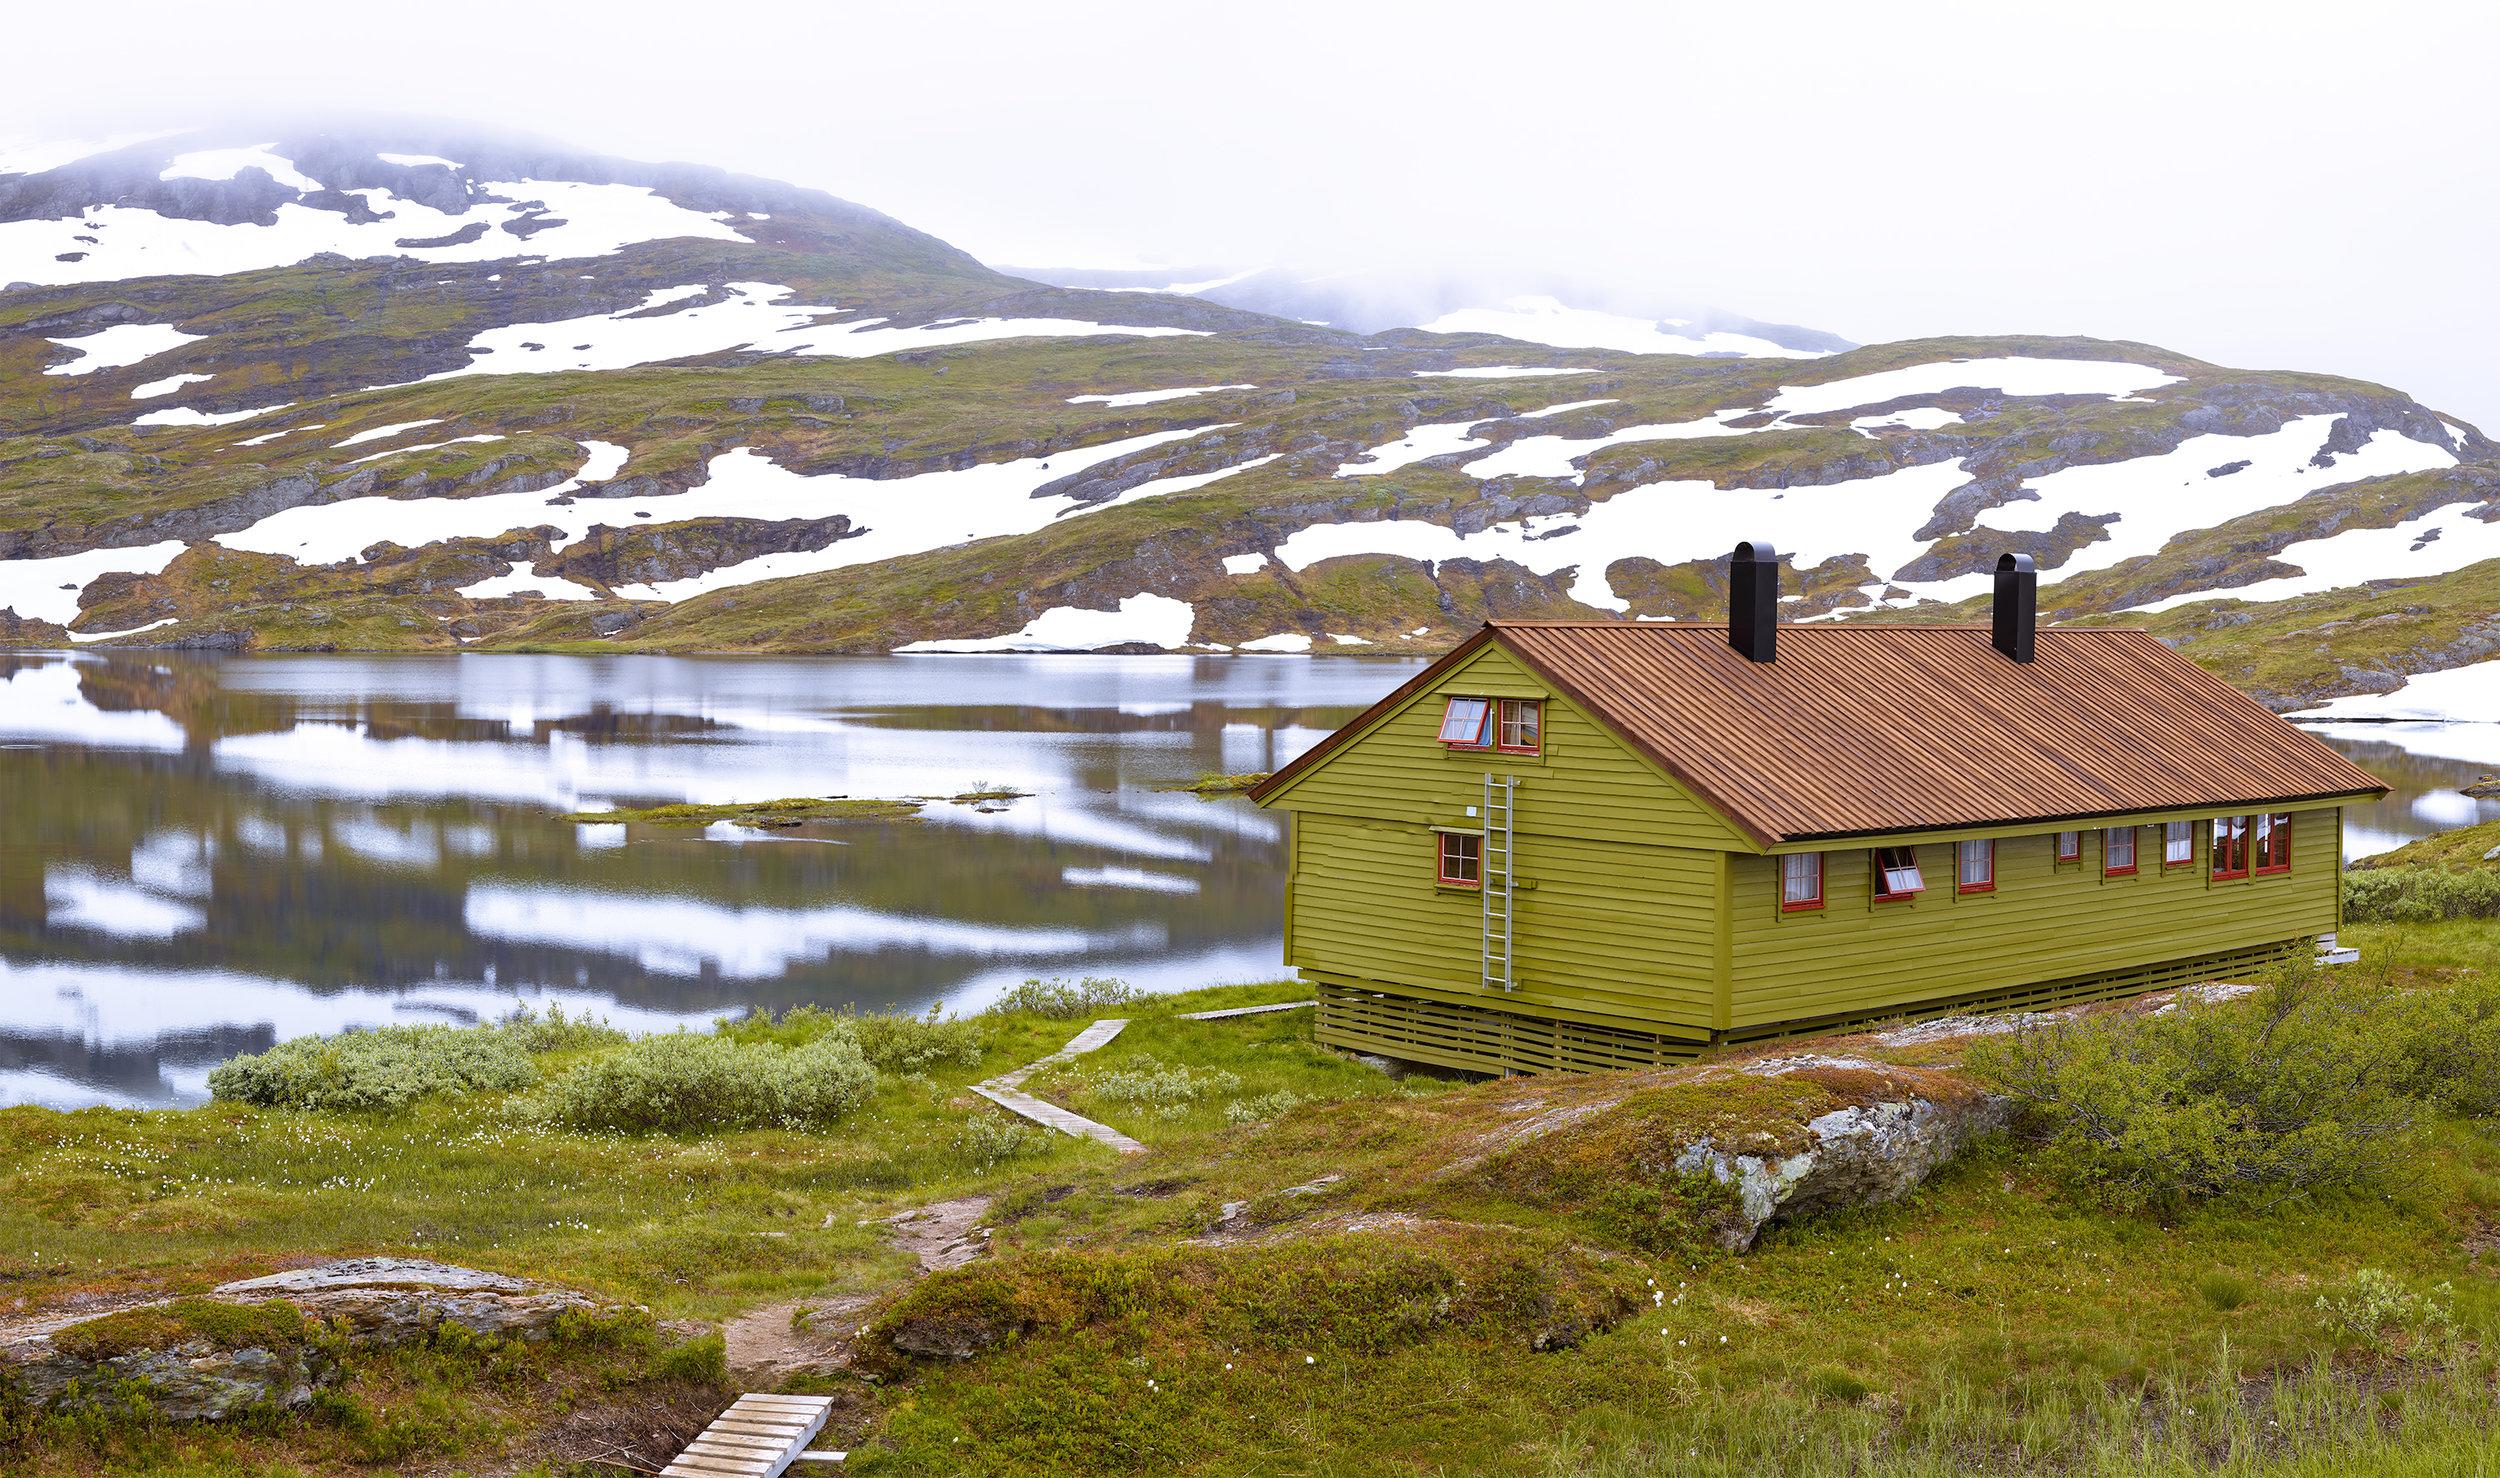 Cabin Pano 1 6-Pano.jpg